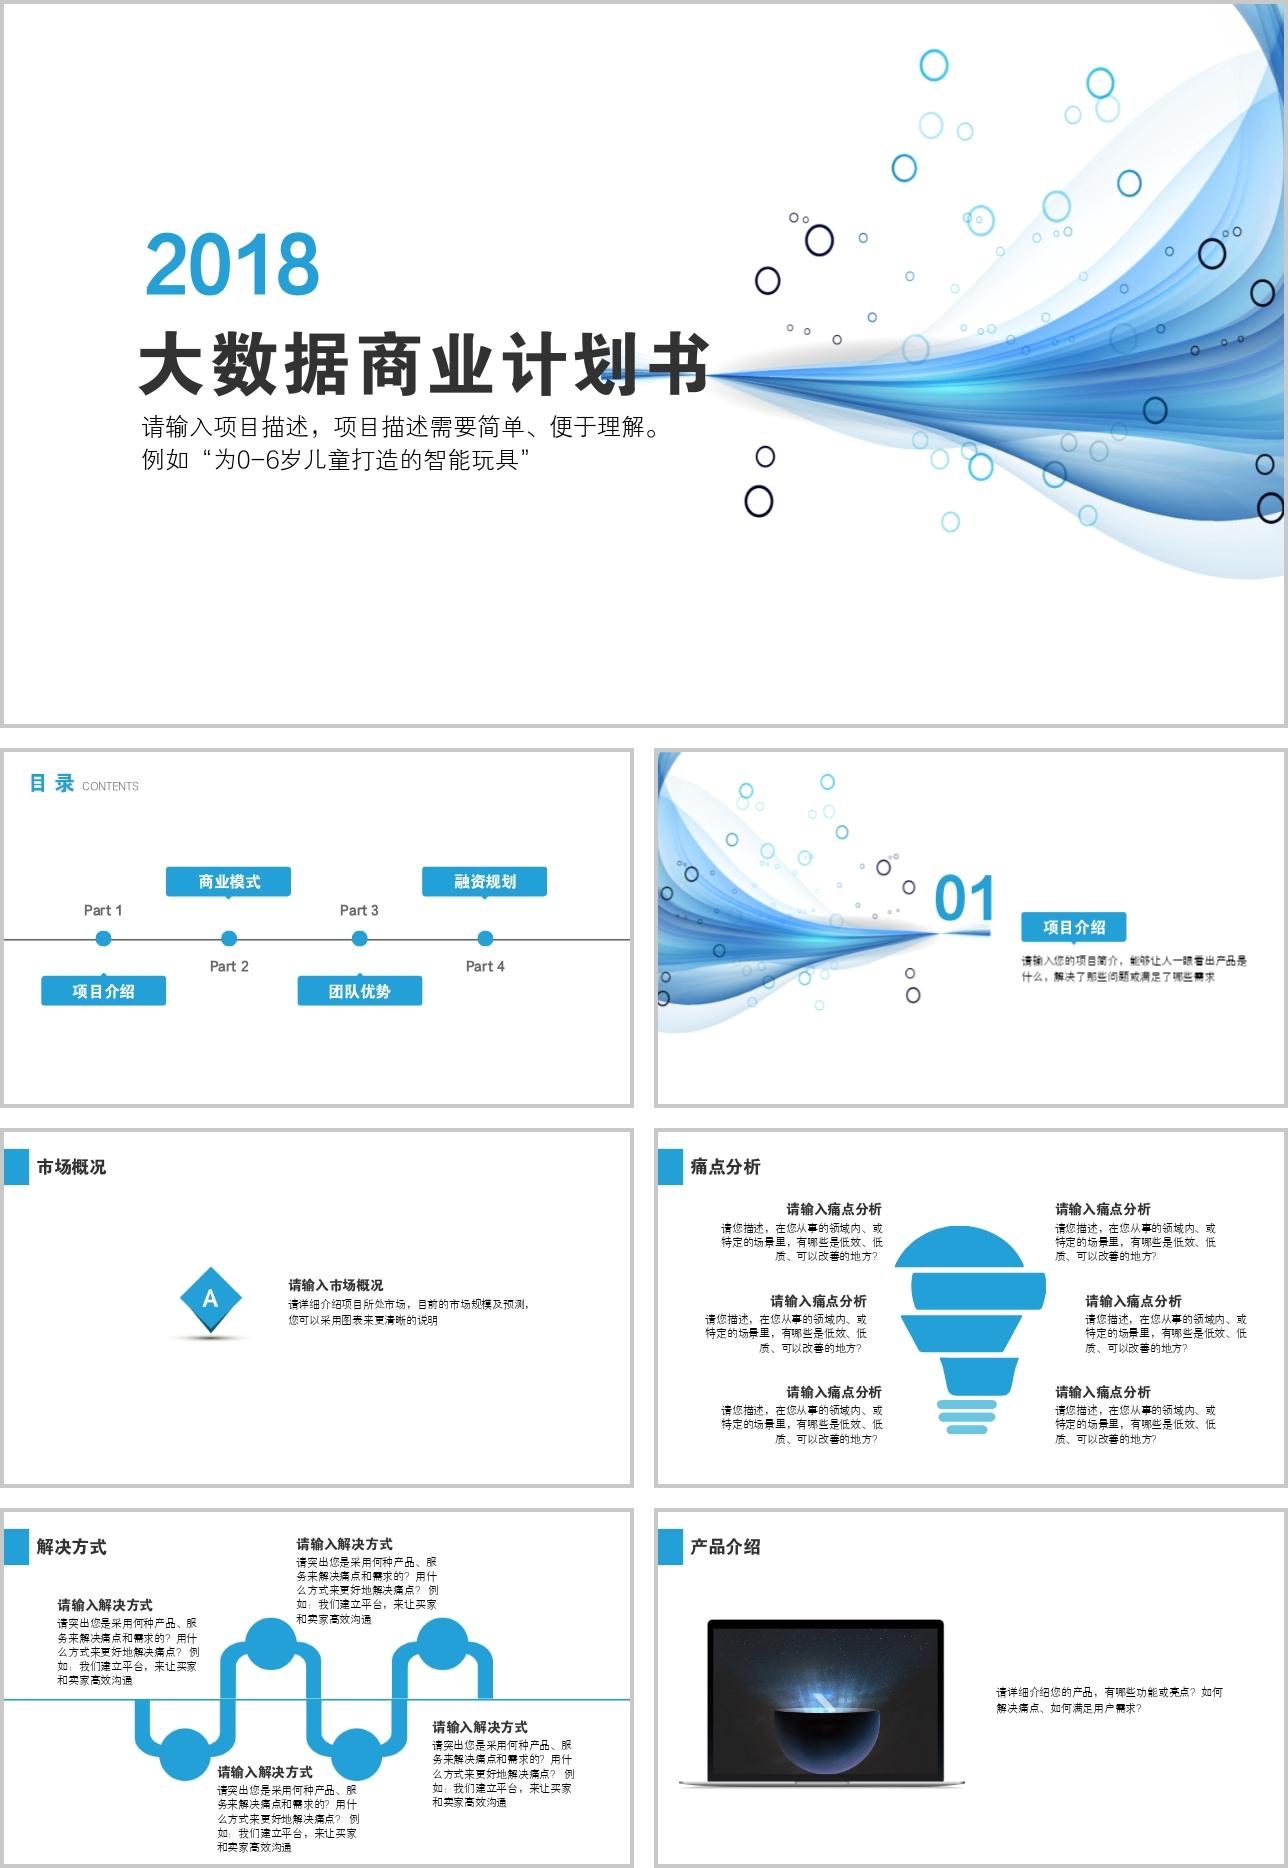 公司财务报告范文_金融PPT模板_第1页,金融PPT免费模板下载_第1页,免费金融PPT模板 ...